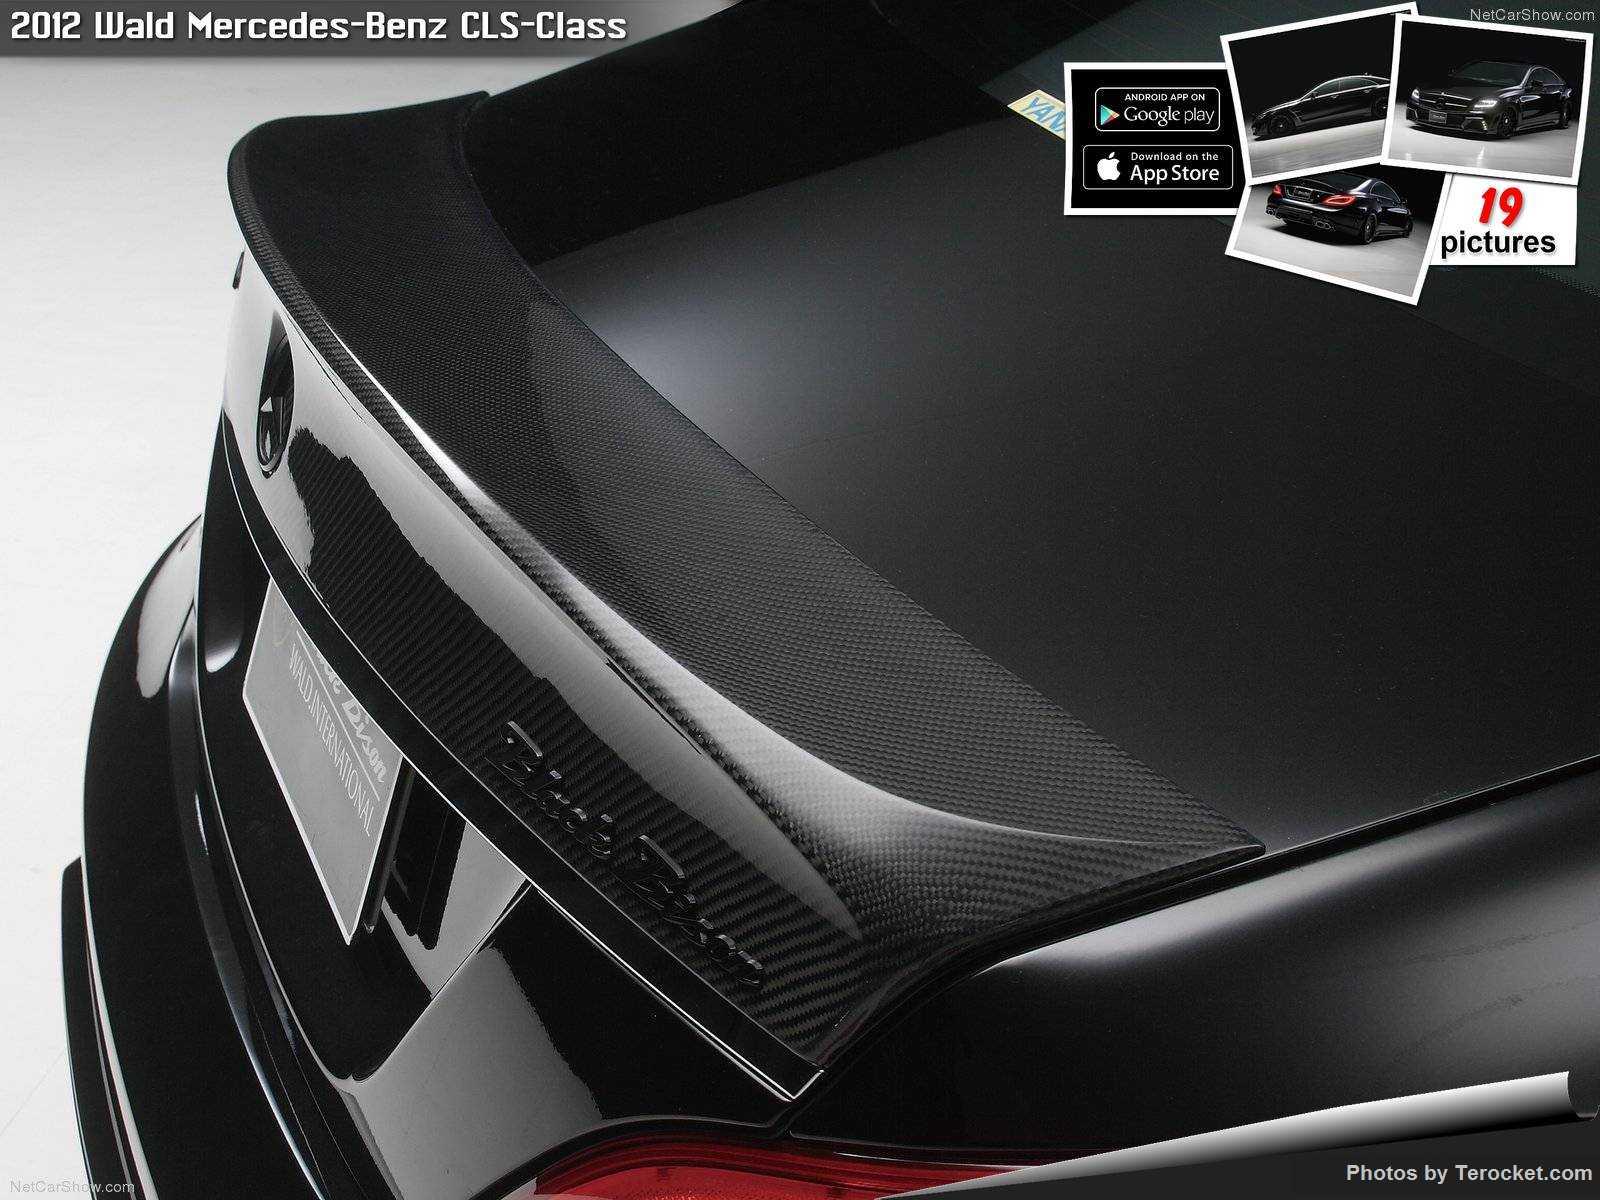 Hình ảnh xe độ Wald Mercedes-Benz CLS-Class 2012 & nội ngoại thất